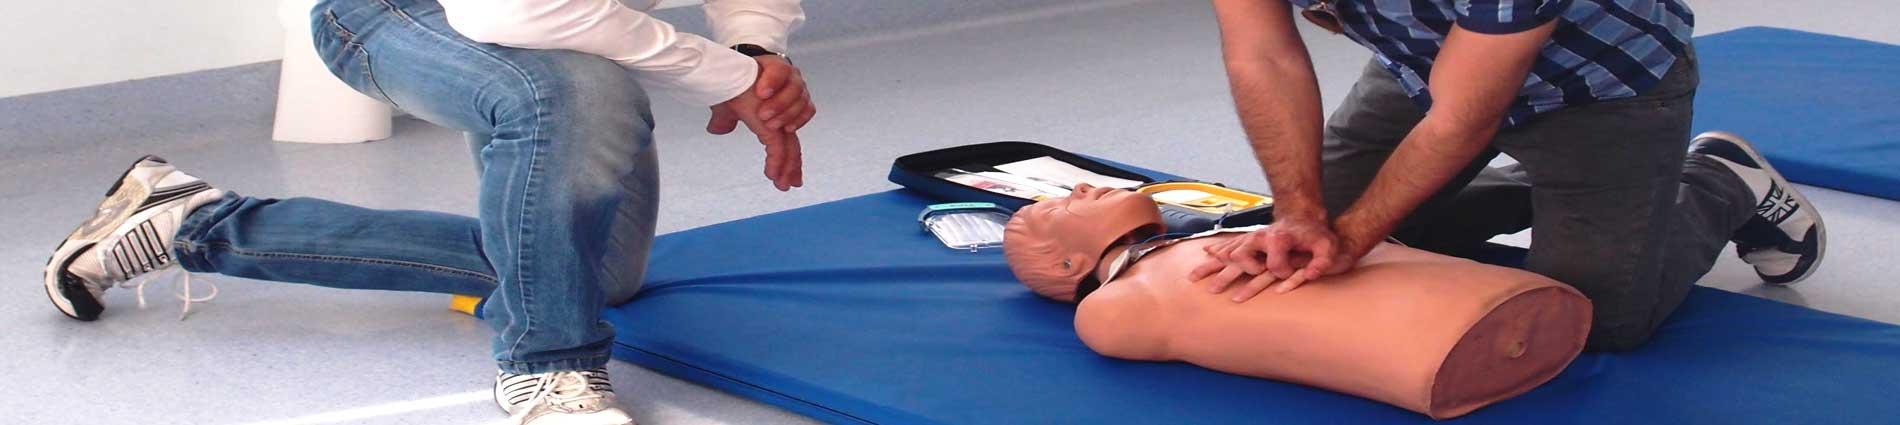 Immagine principale pagina corsi primo soccorso